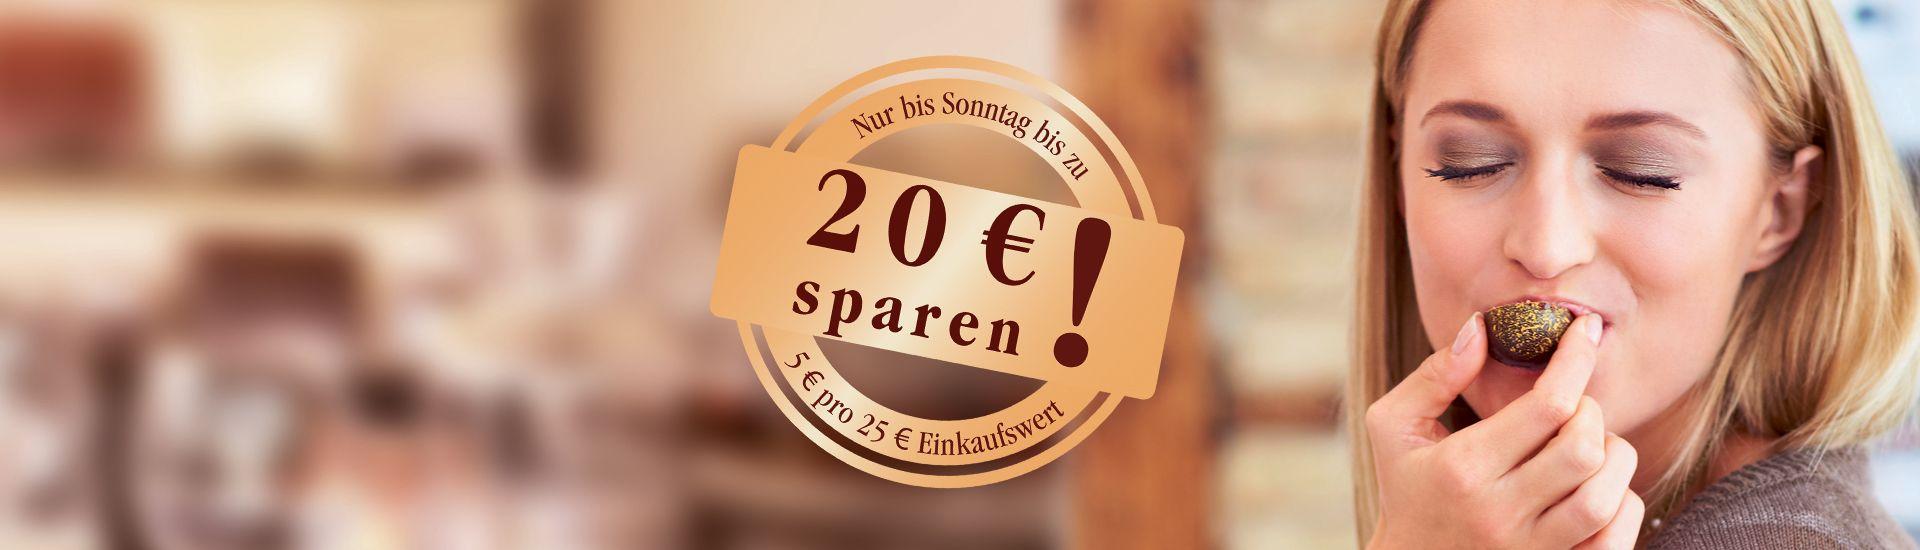 Bis zu 20 € sparen!